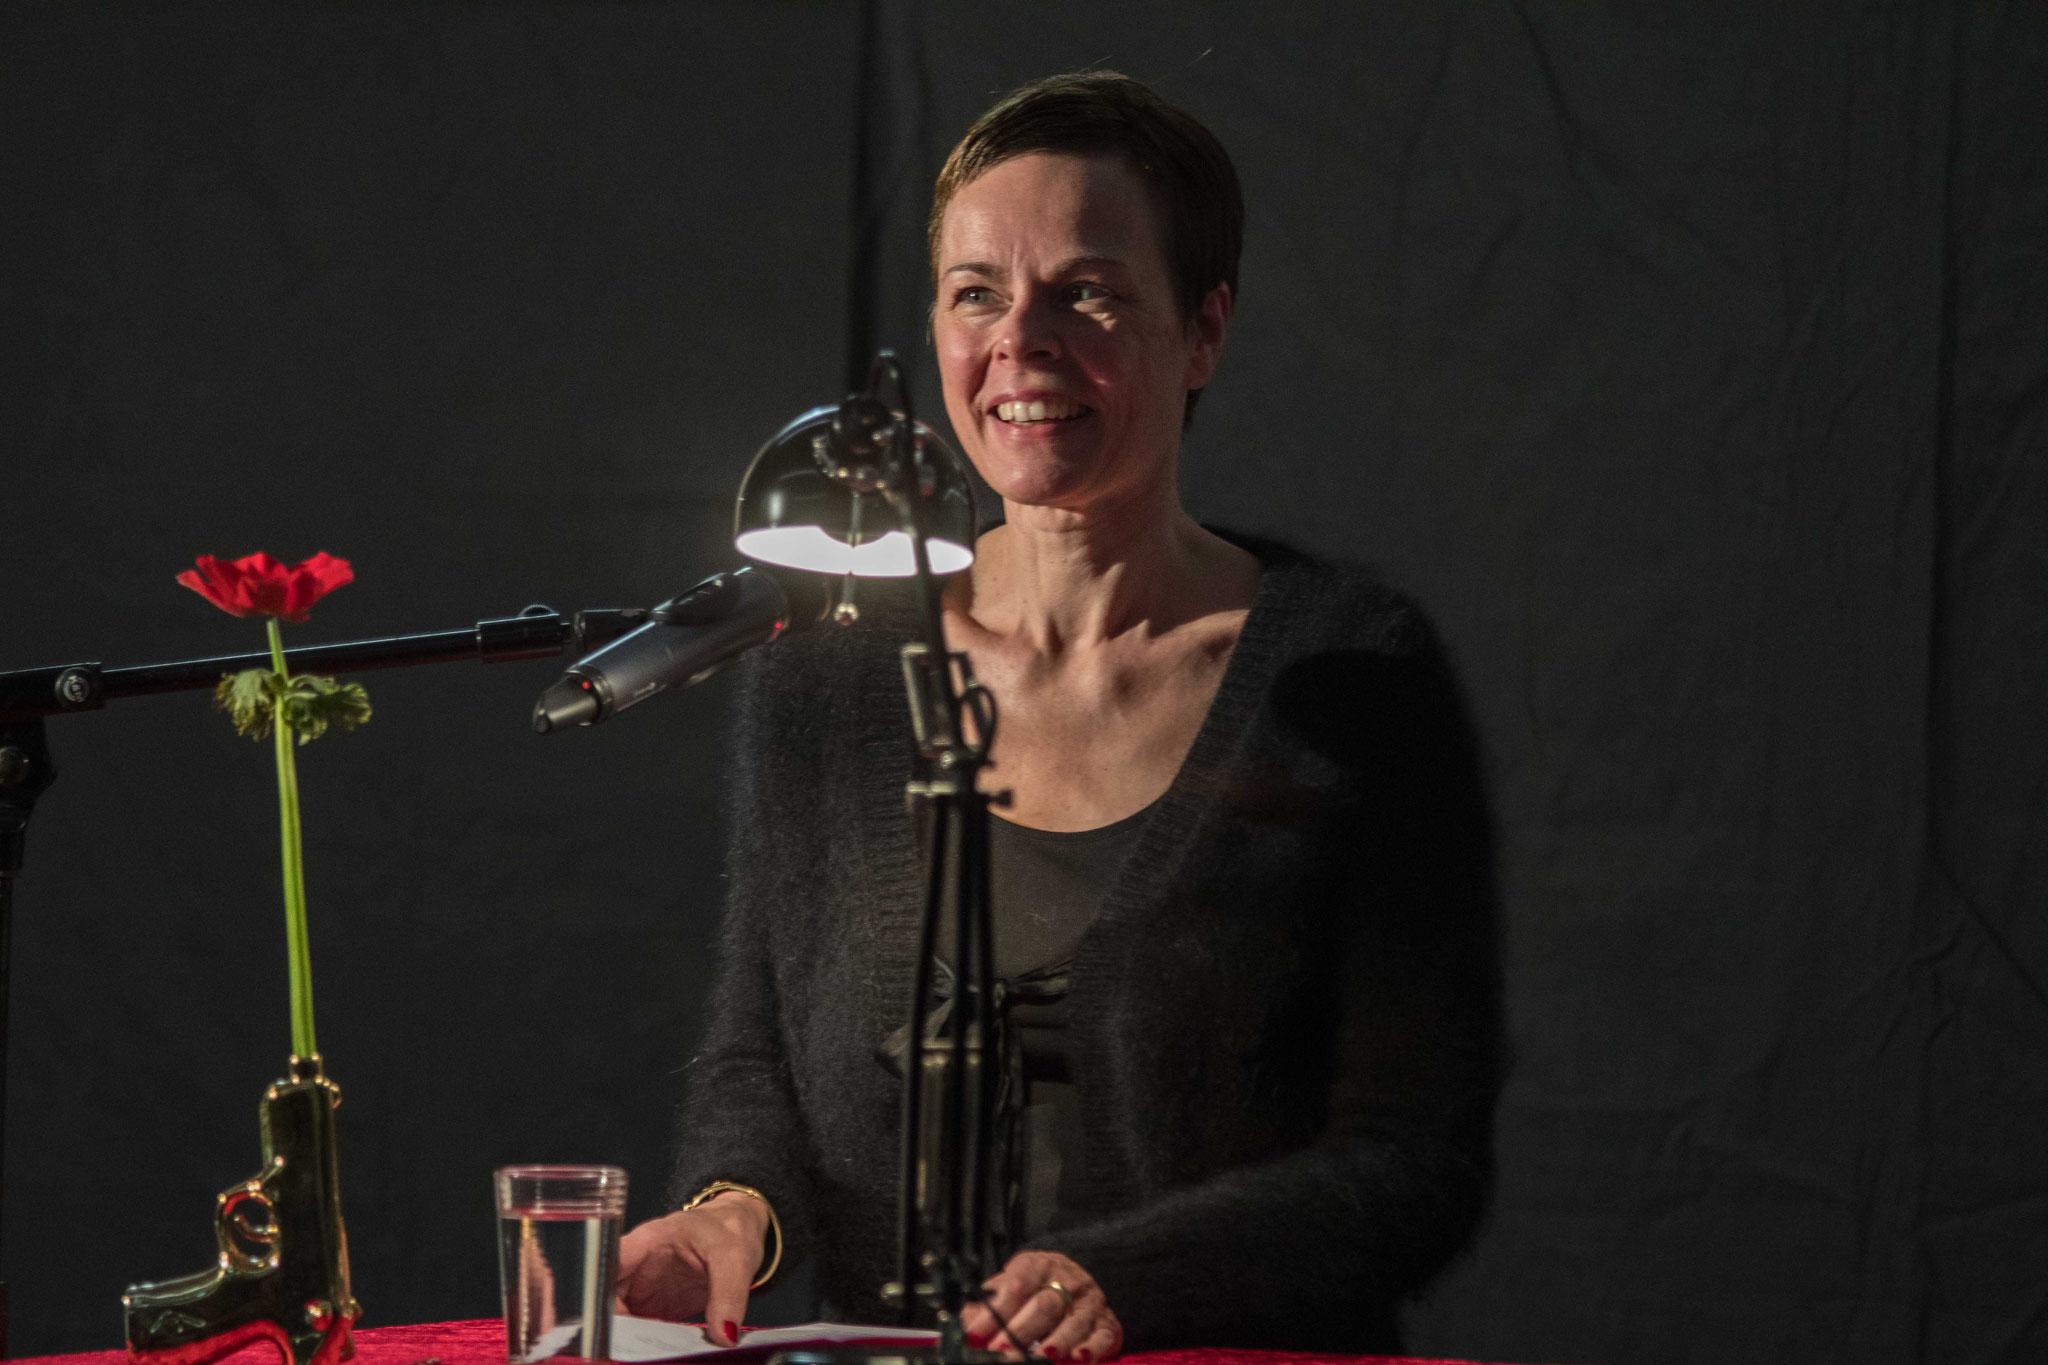 Iris Leister